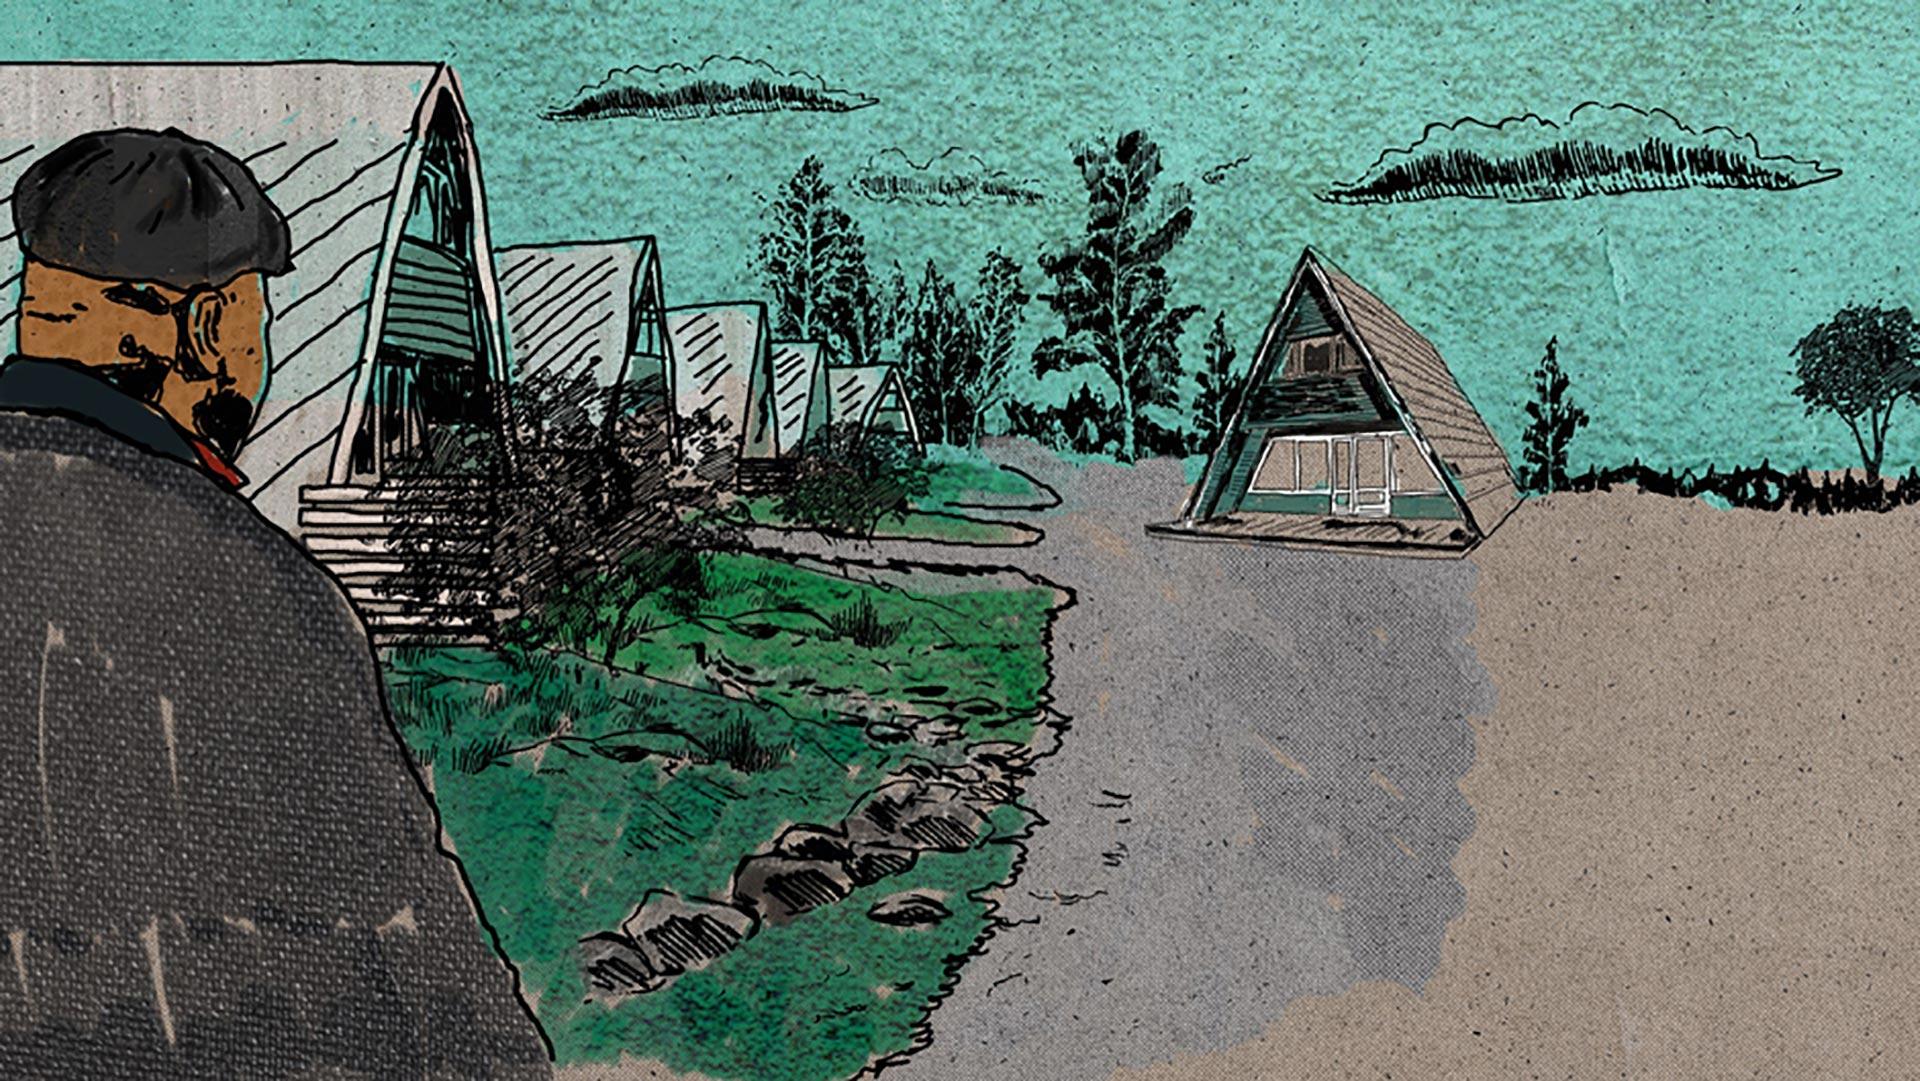 Liget ved Storkesøen   1. del af en radiofortælling